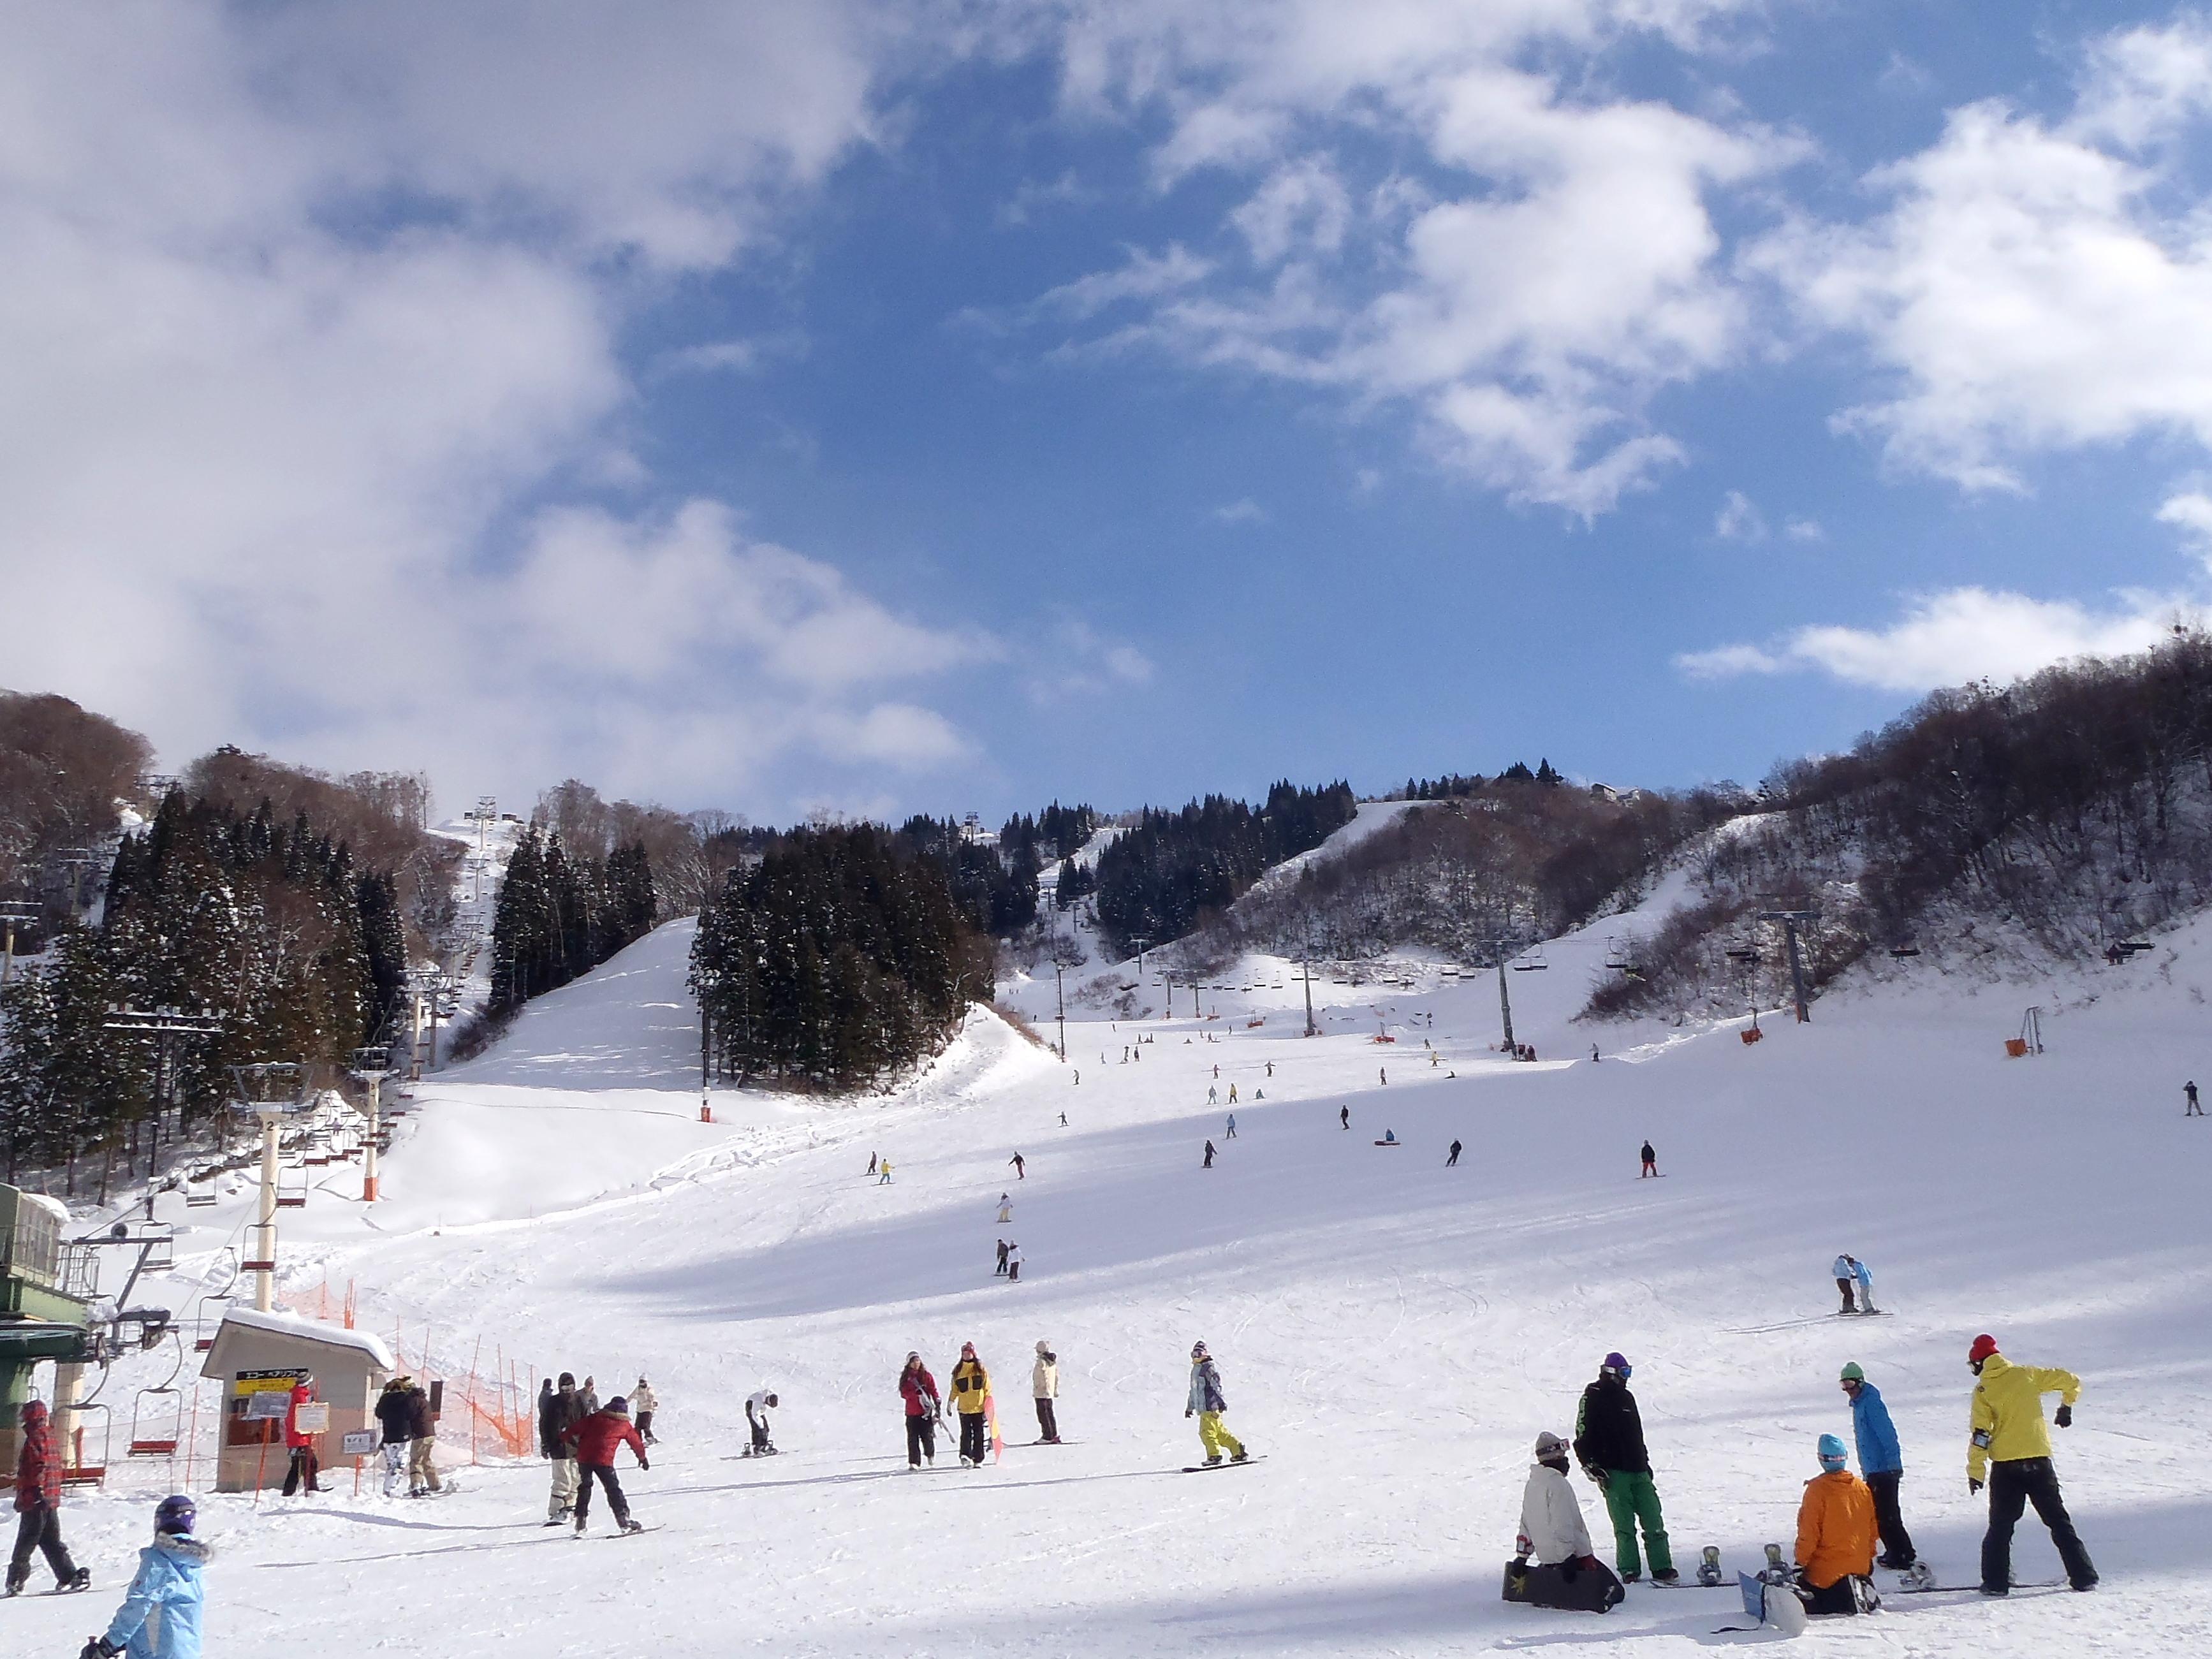 ホワイトピアたかすスキー場(13.5km)